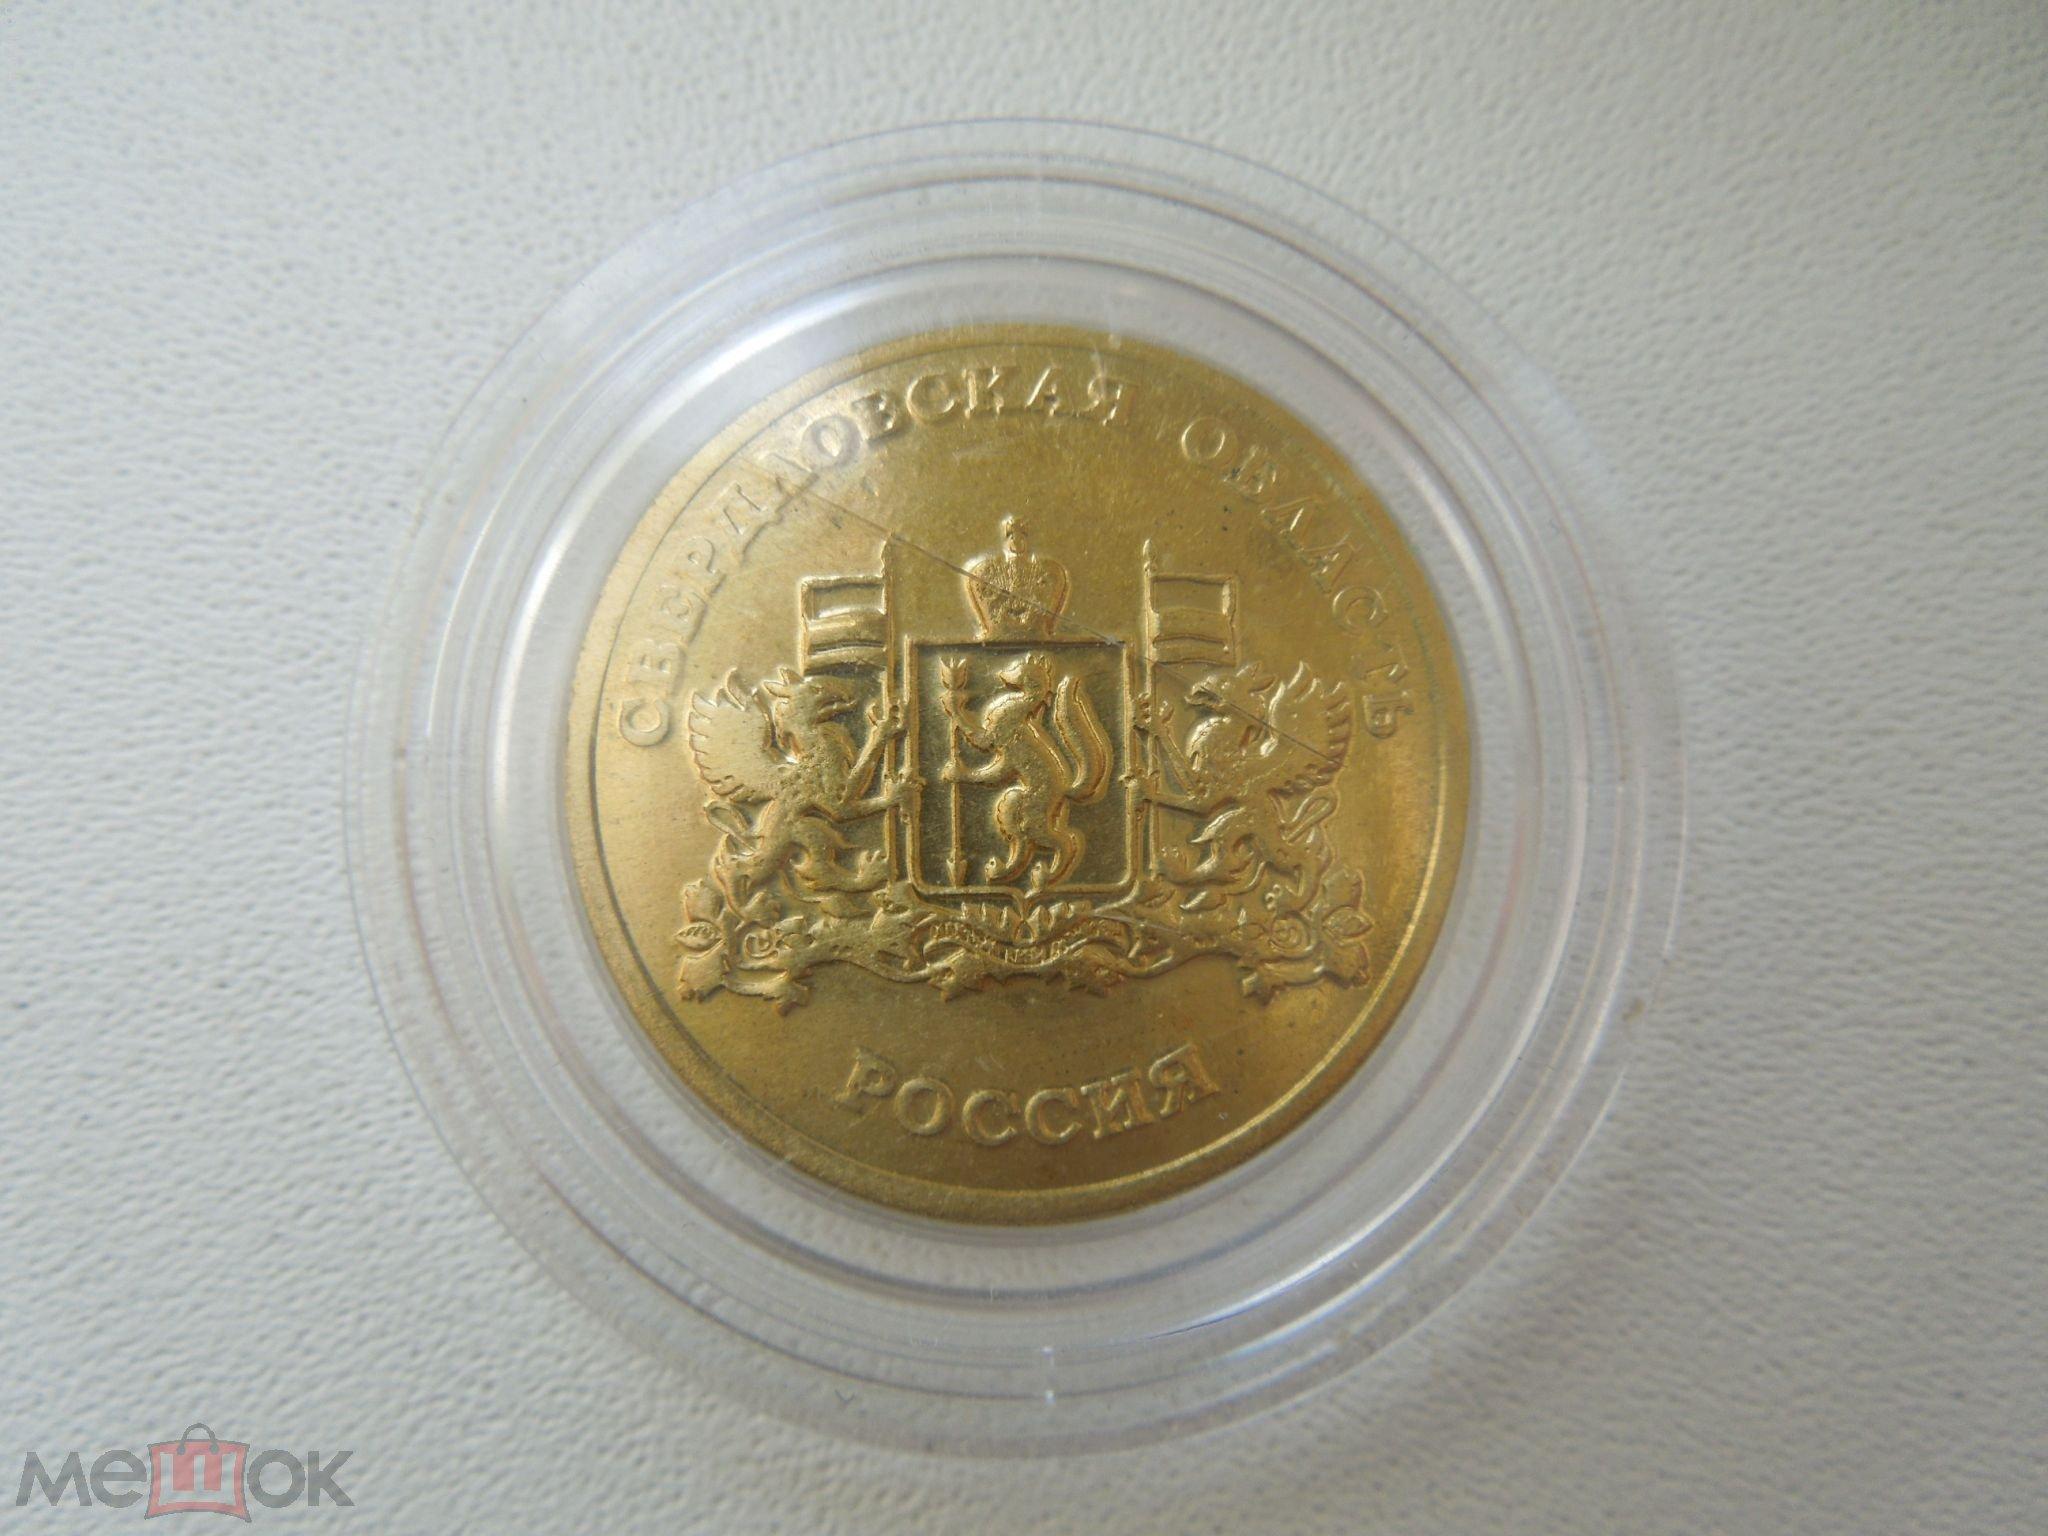 Монета серов монета 500 1999 туртсия